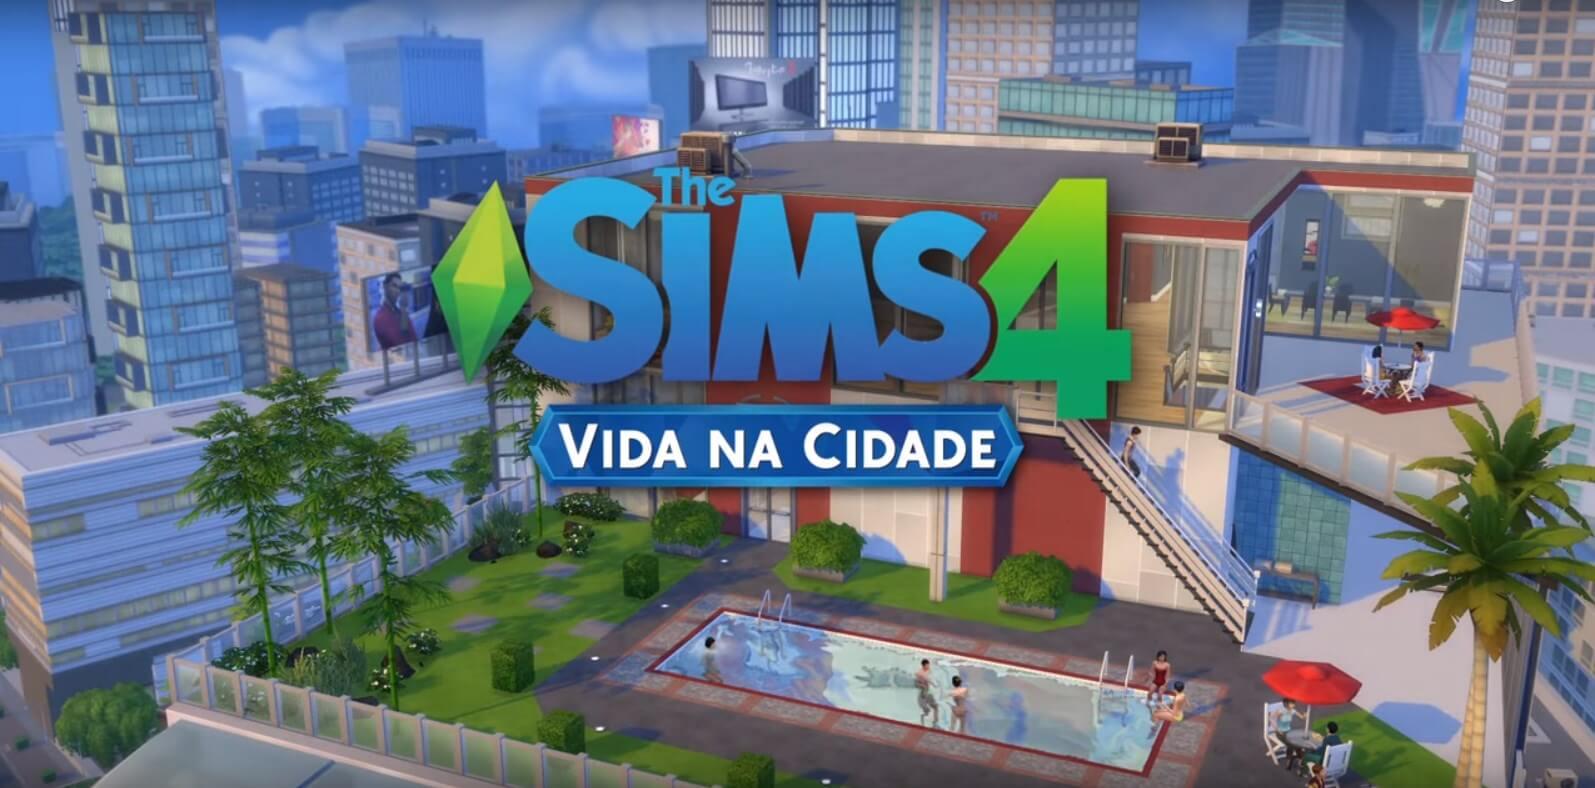 The Sims lança campanha que celebra o impacto do jogo na vida dos jogadores